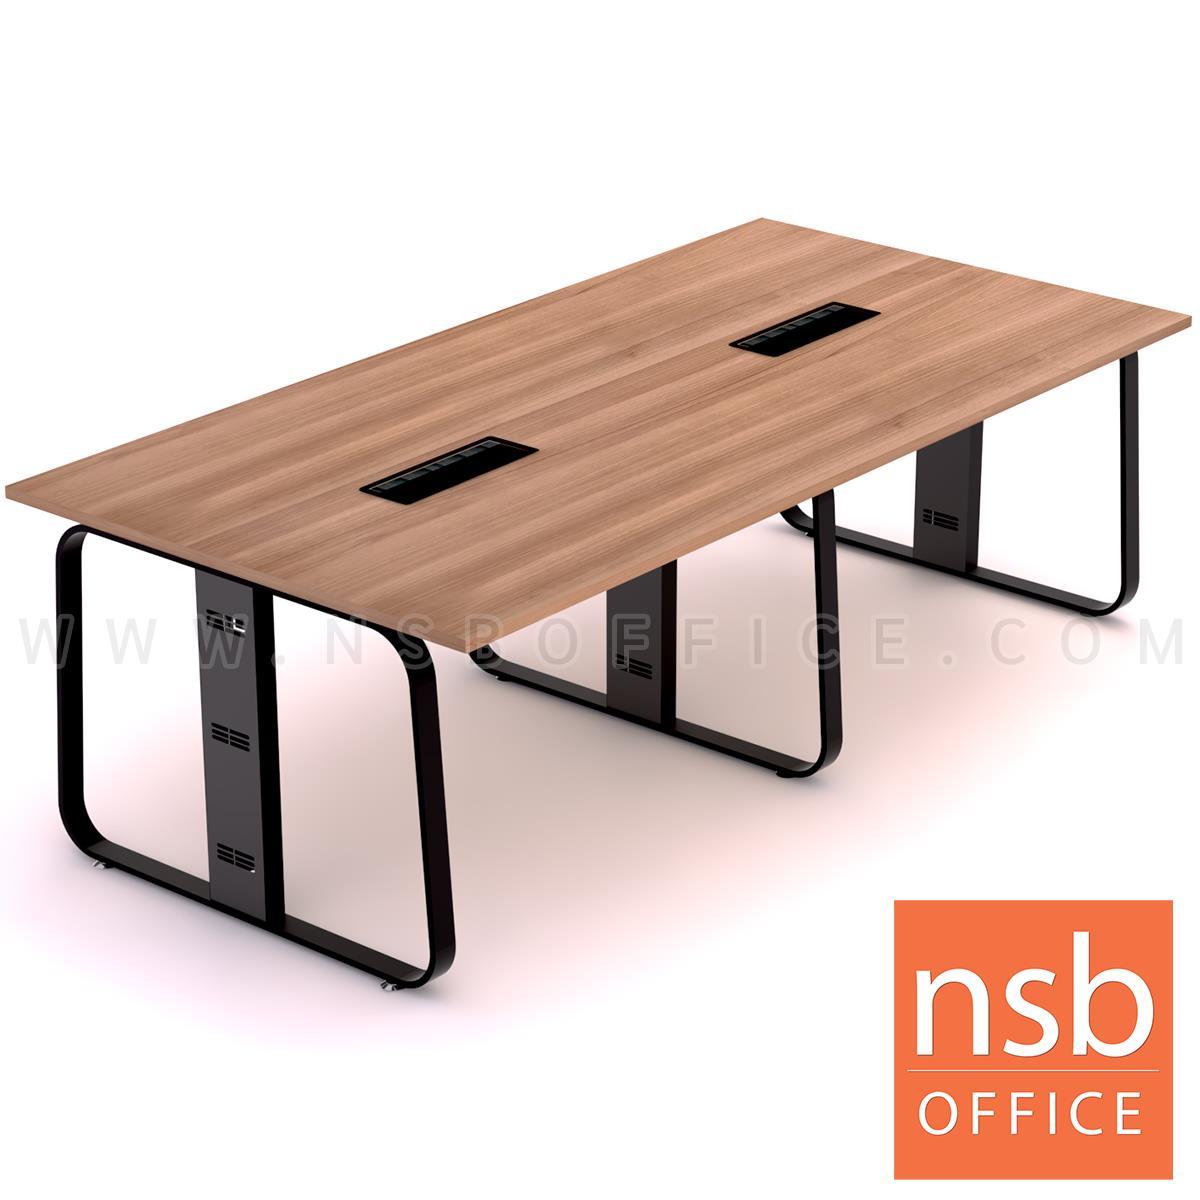 A05A226:โต๊ะประชุมสี่เหลี่ยม รุ่น Trinity (ทรินิตี้) ขนาด 240W*120D cm.  พร้อมป๊อปอัพ รางไฟใต้โต๊ะ ขาเหล็กทรงแจกัน